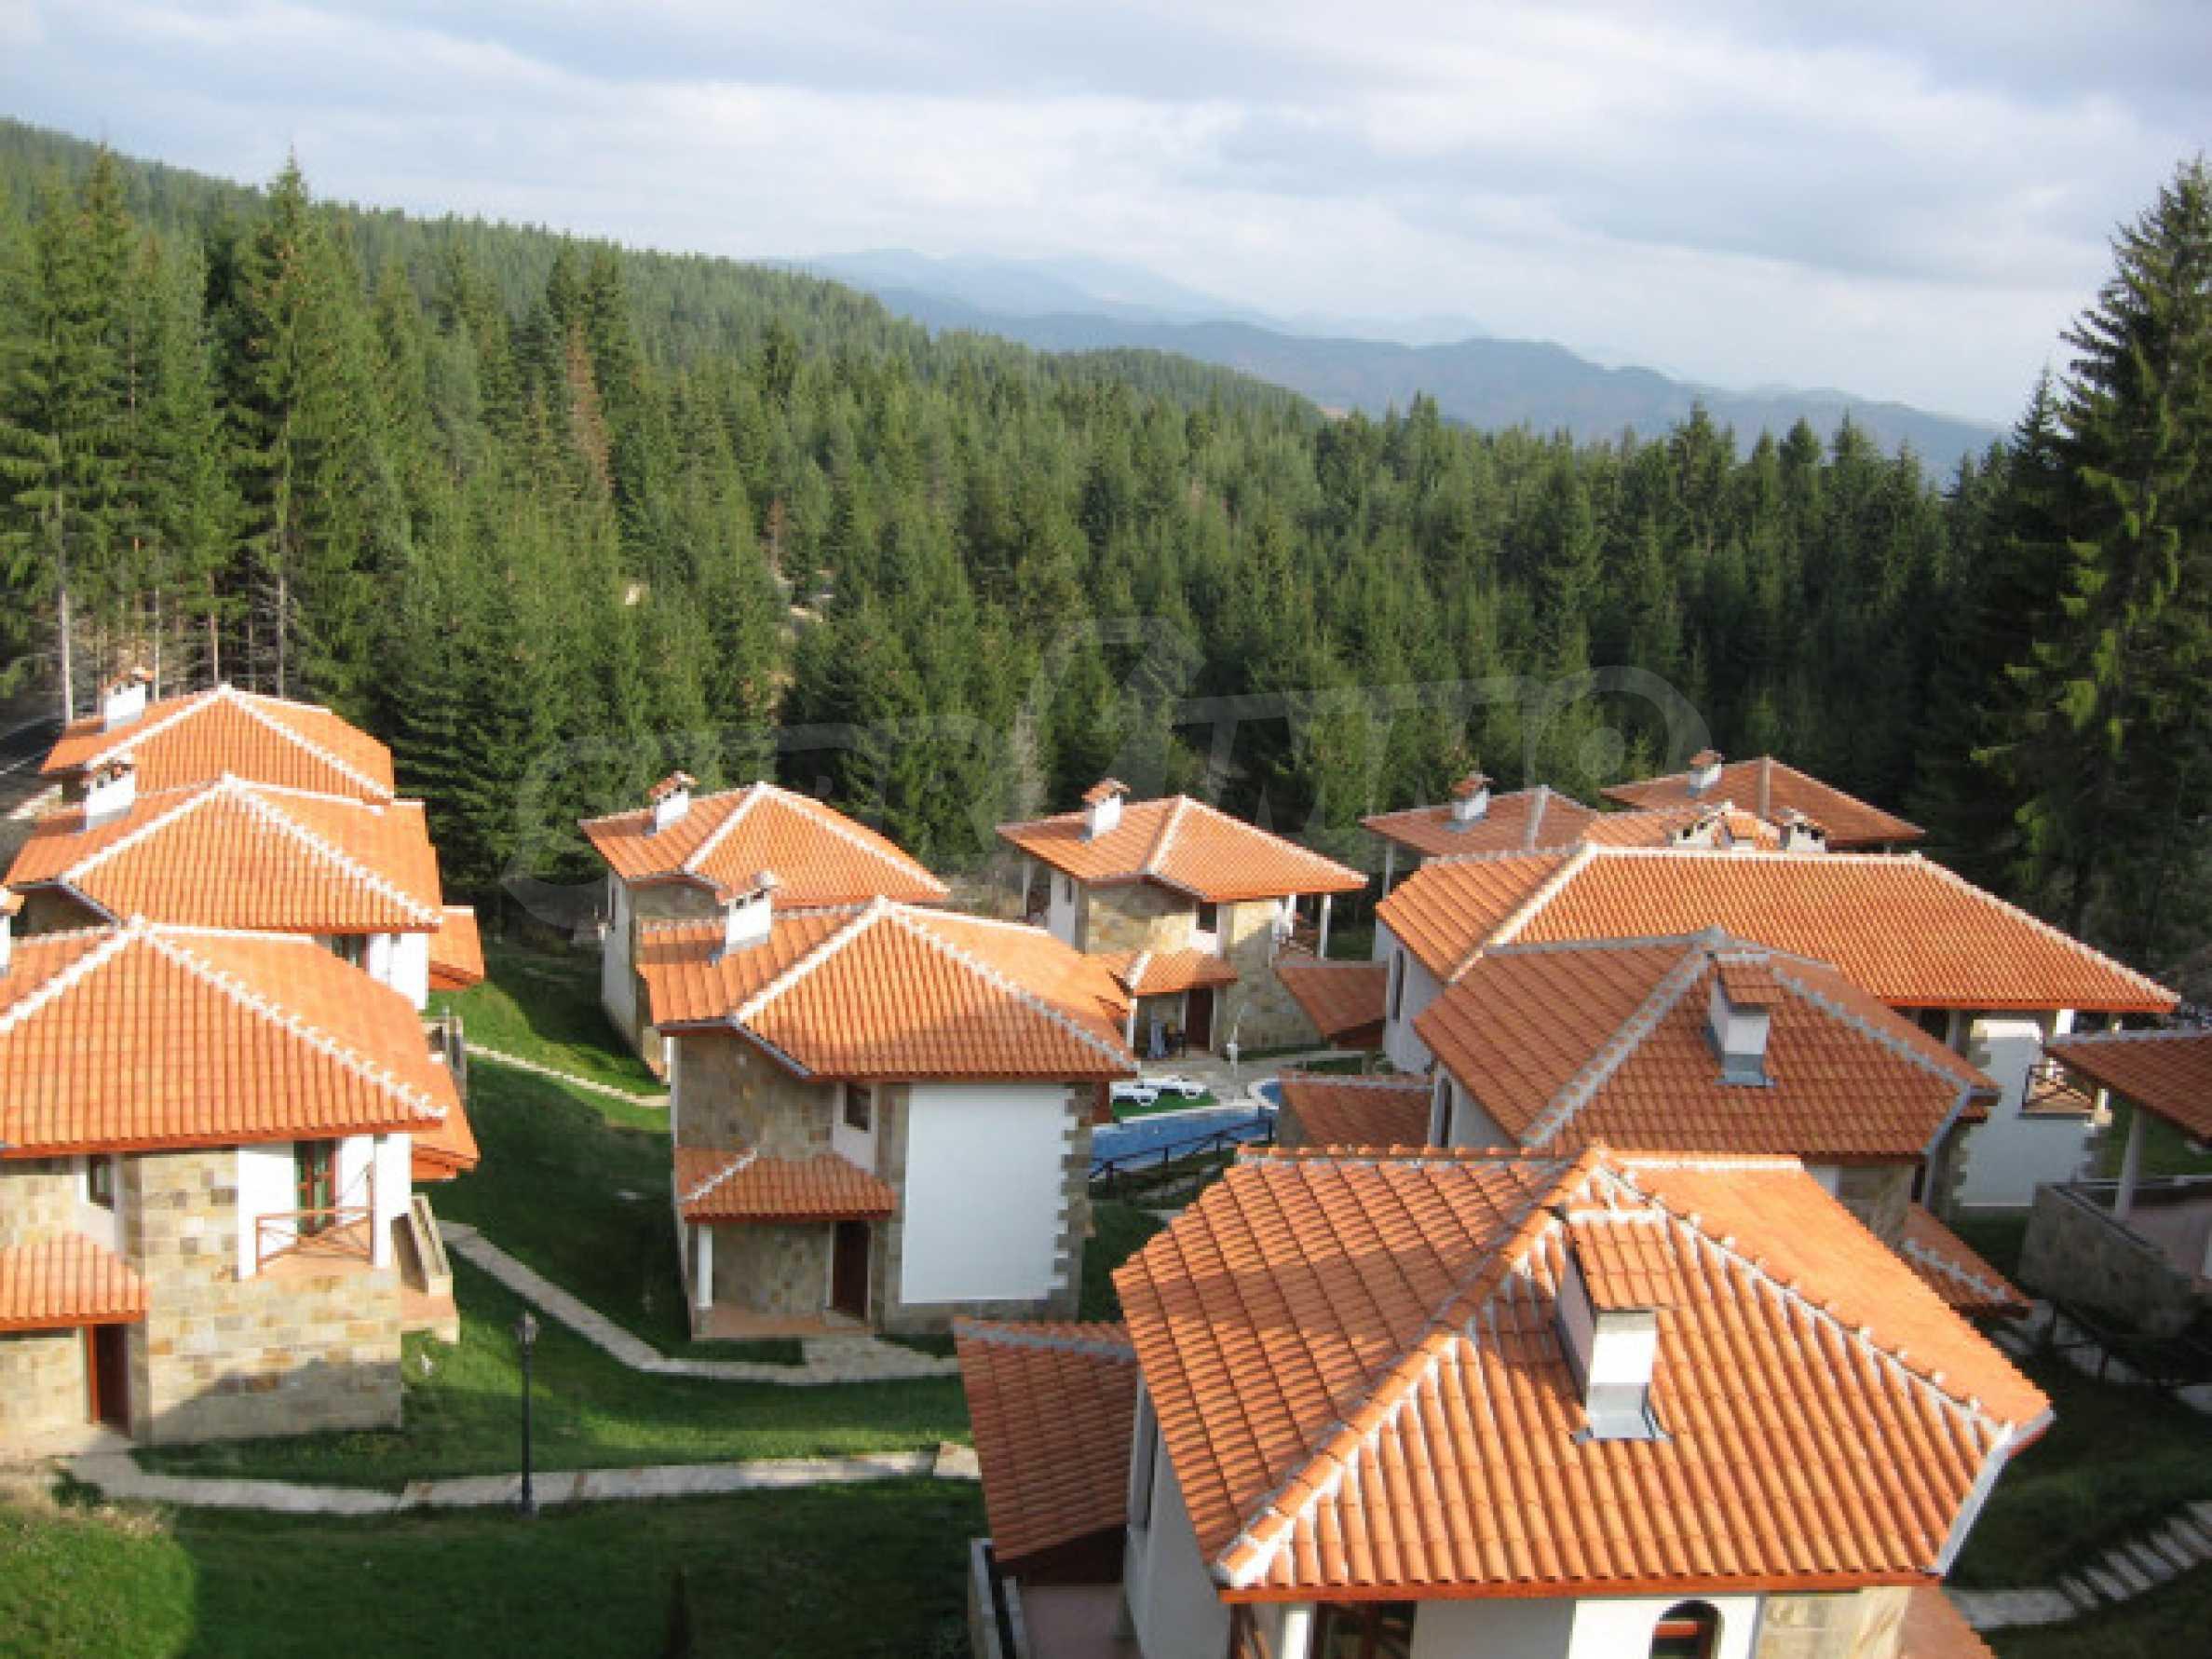 Апартаменти на атрактивни цени в планински ваканционен комплекс в Пампорово 3